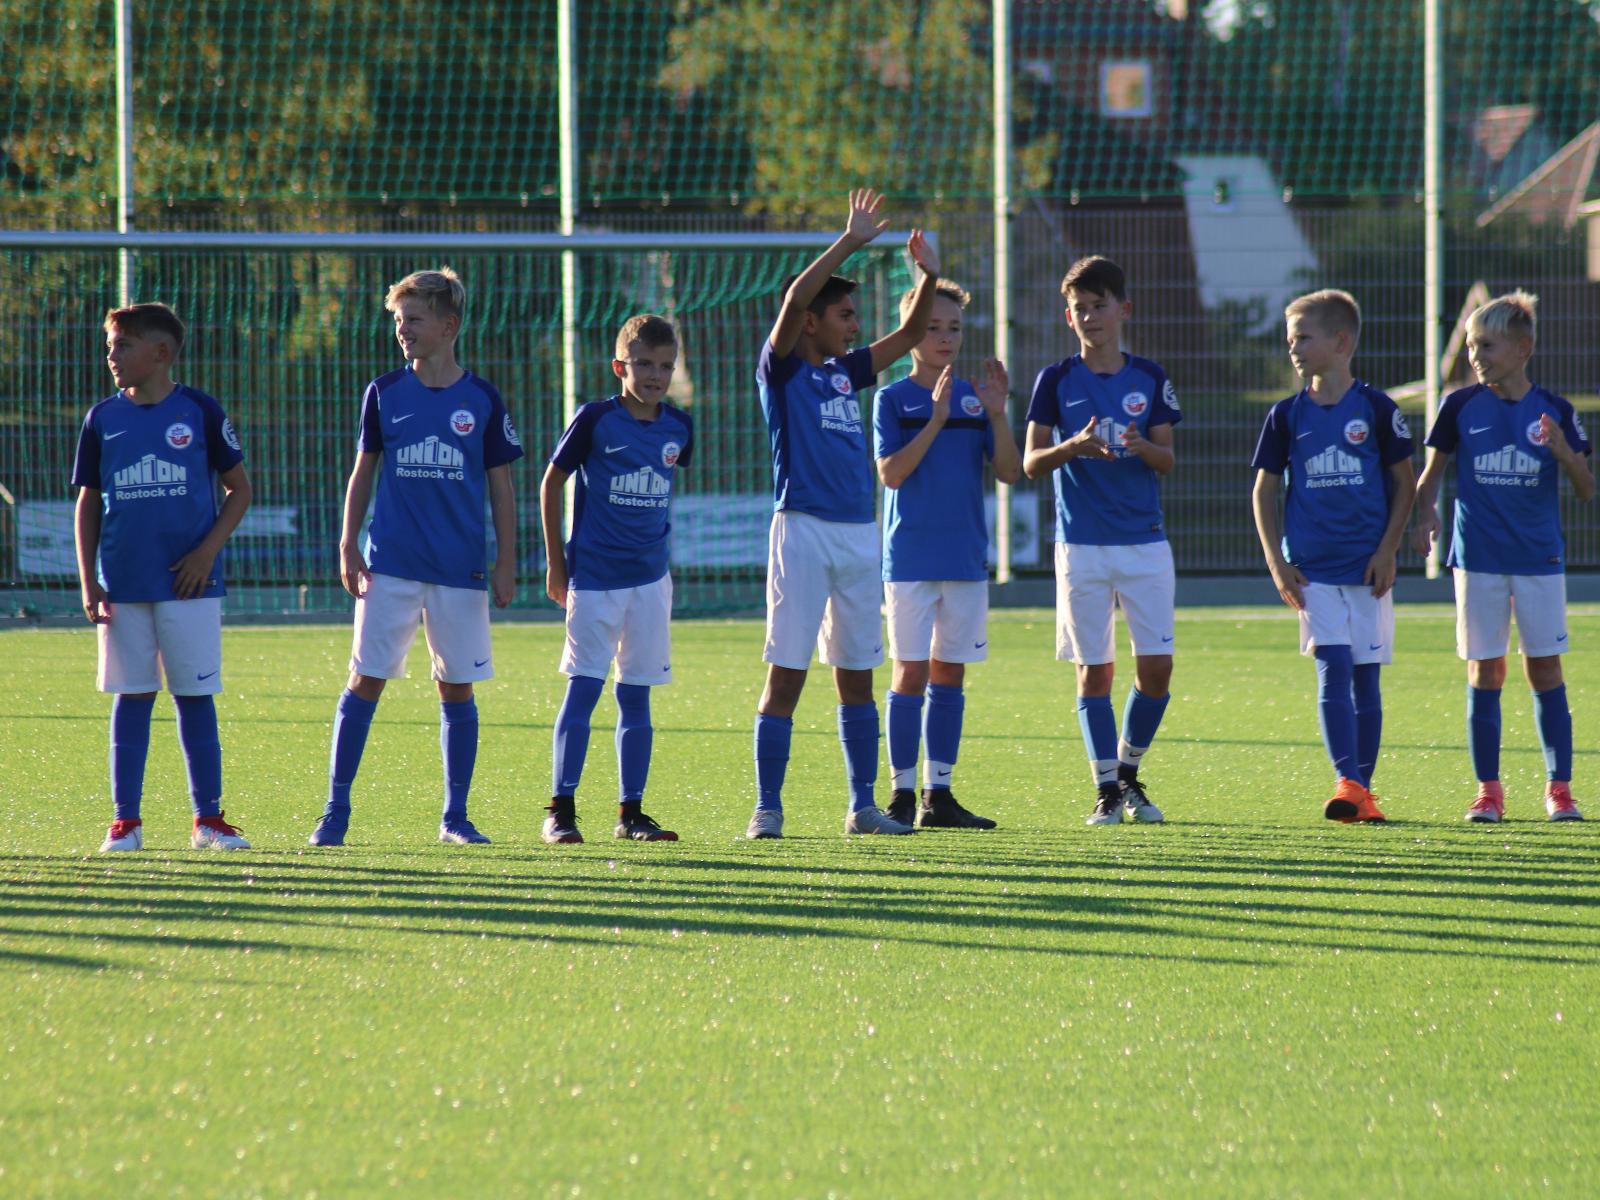 Hansa Nachwuchsakademie beim Training